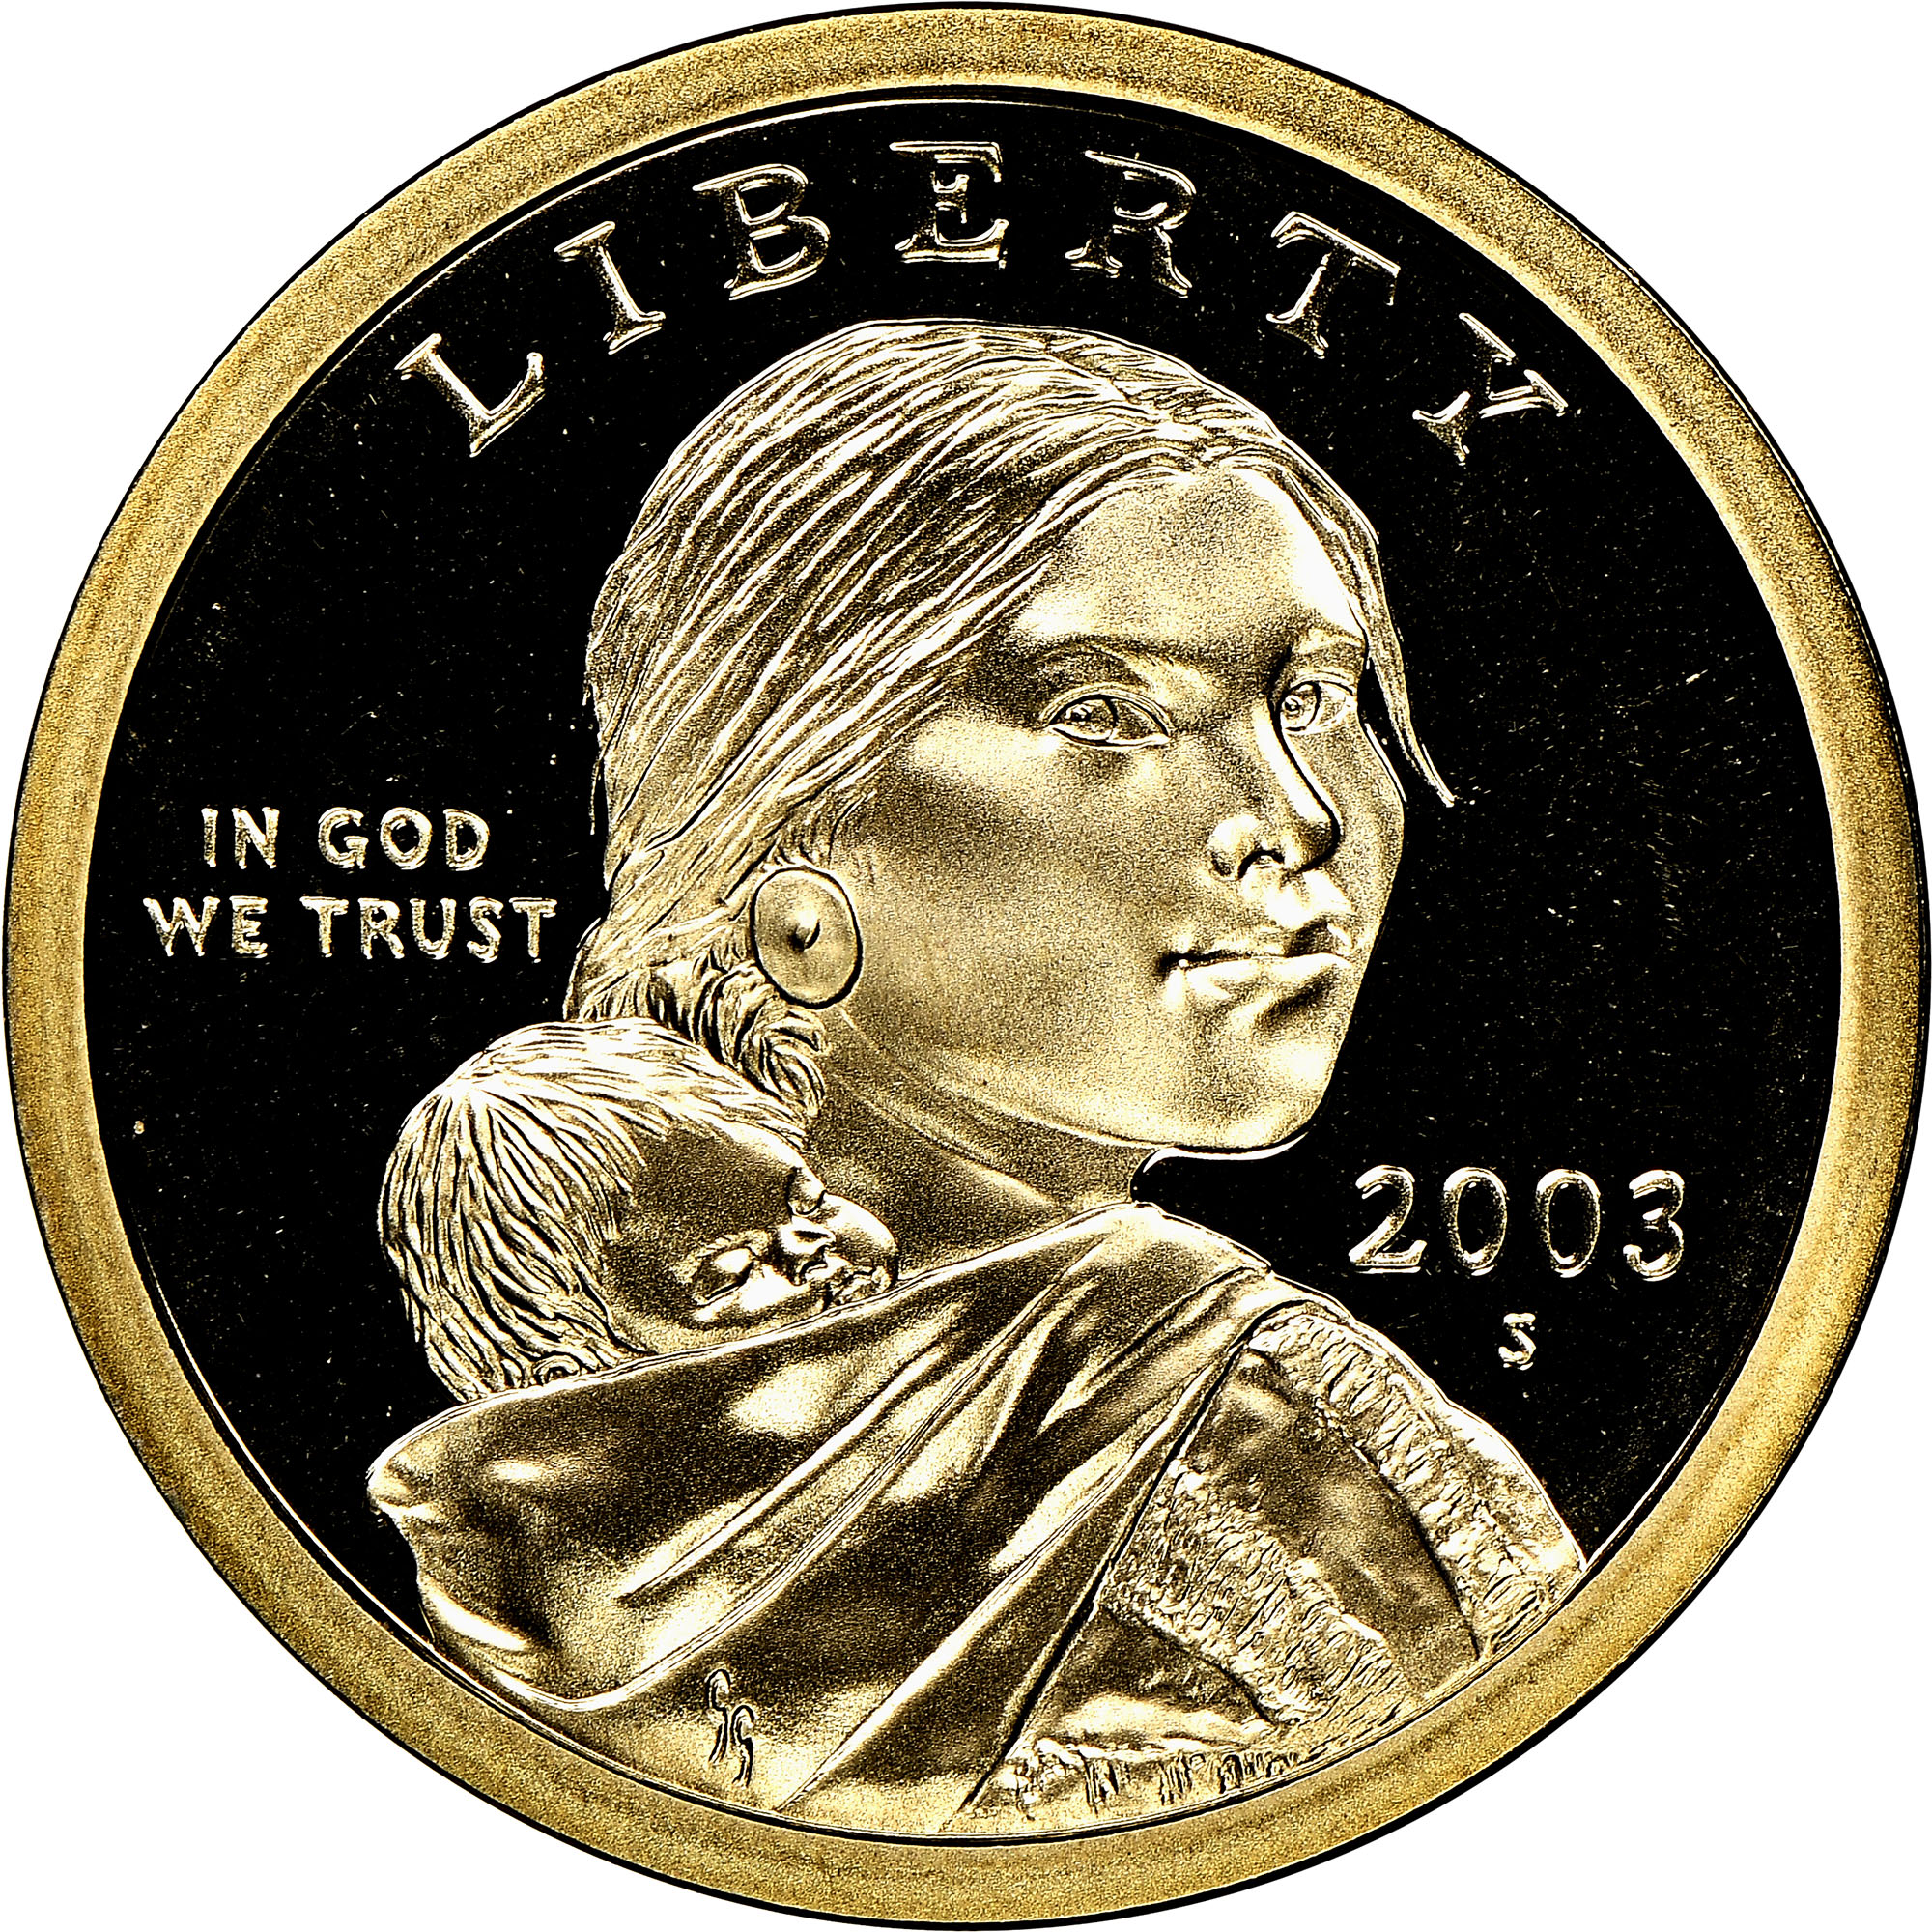 2003 S Sacagawea Dollar NGC PF70 Ultra Cameo Randy Teton Hand Signed